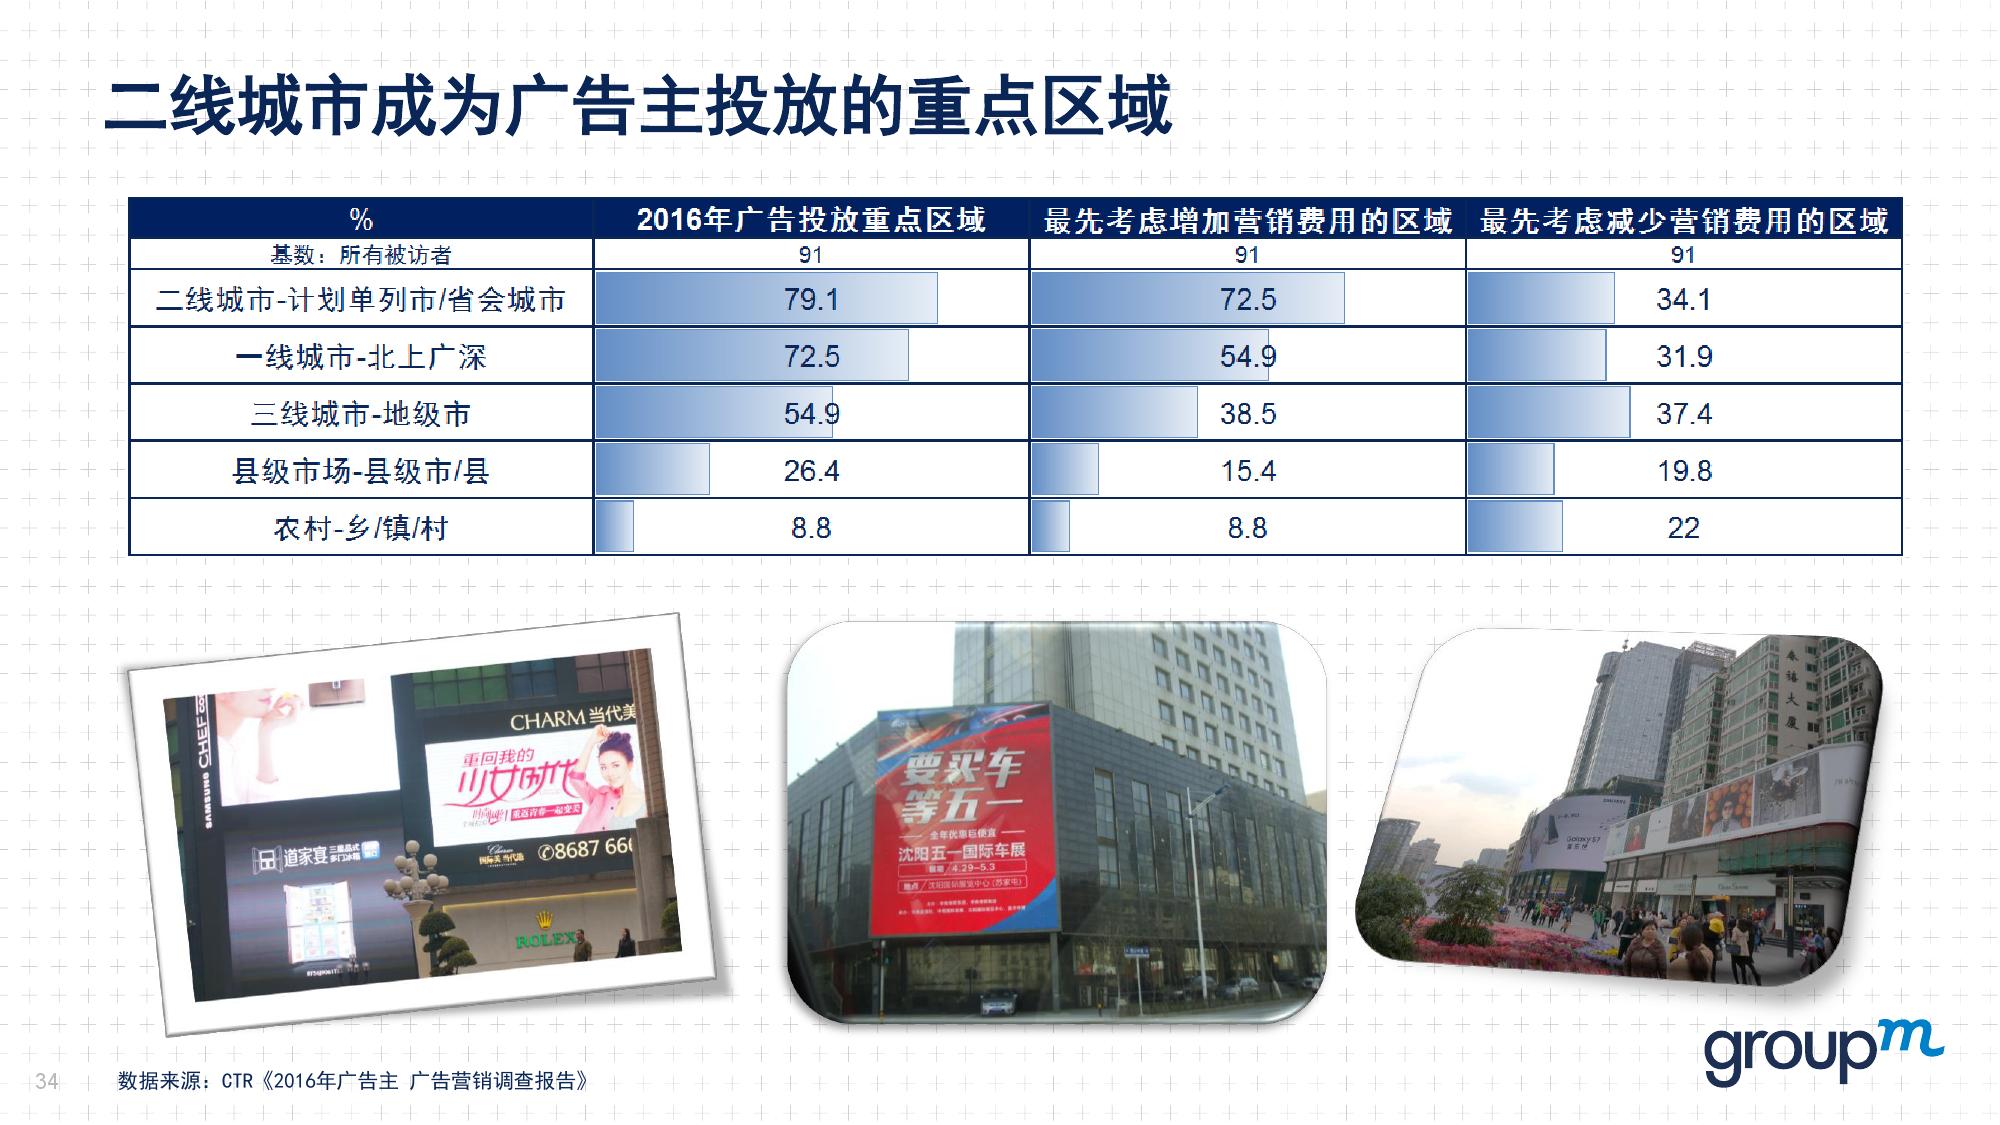 赢在中国2016:从需求刺激转向供给侧改革_000034